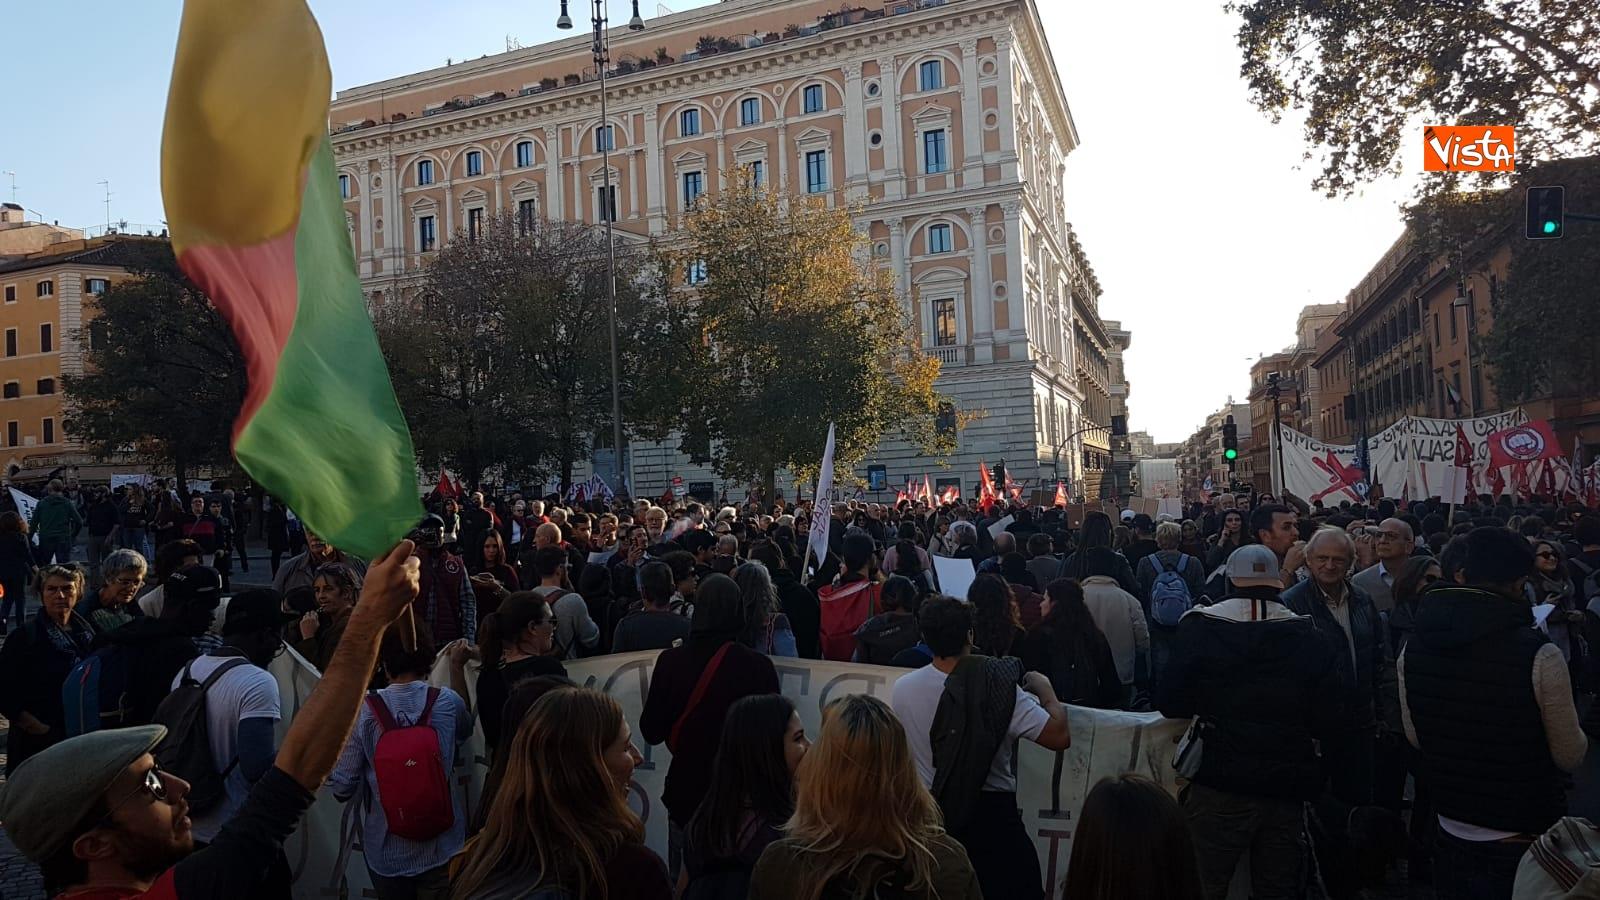 La manifestazione contro il dl Salvini a Roma